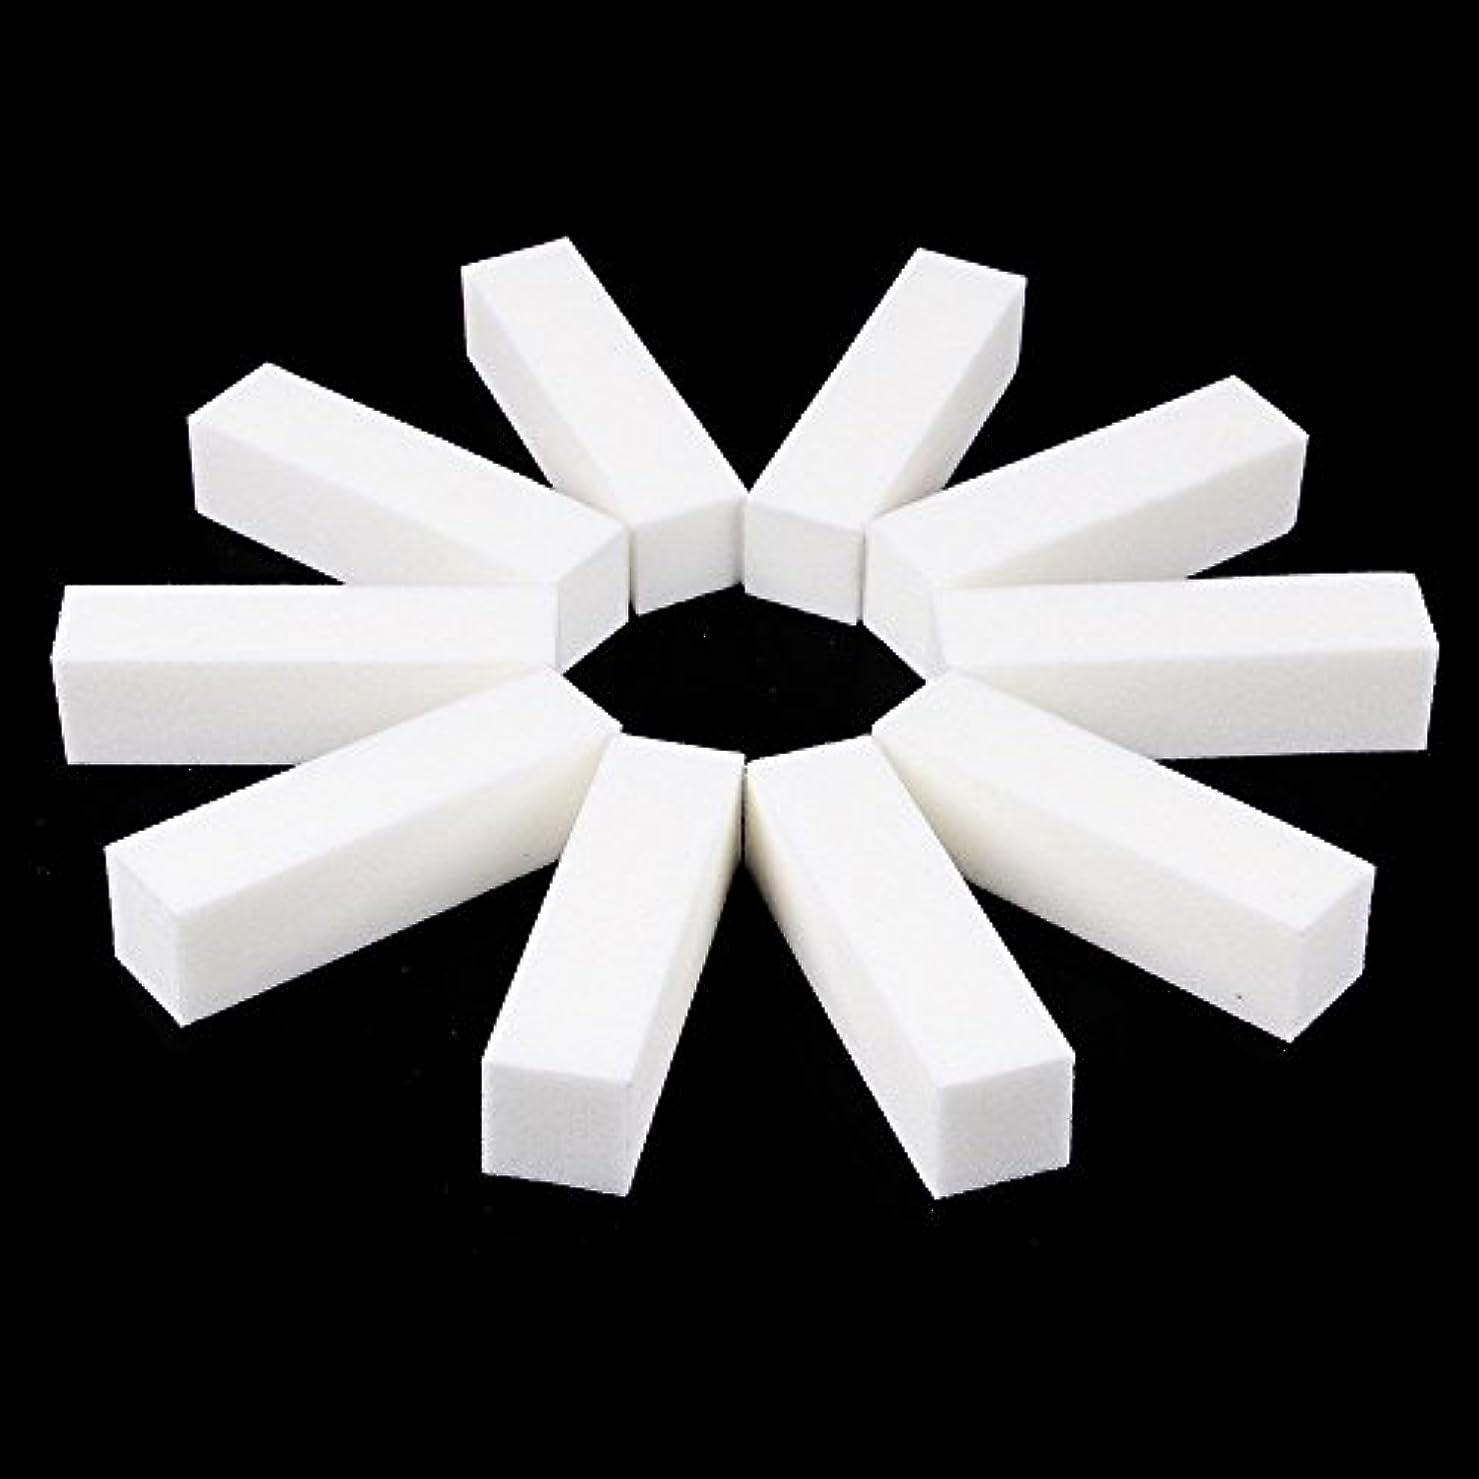 意図するファイル意図的ネイルファイル サンディングブロック マニキュアツール バッファ ホワイト 4ウェイ 12個セット